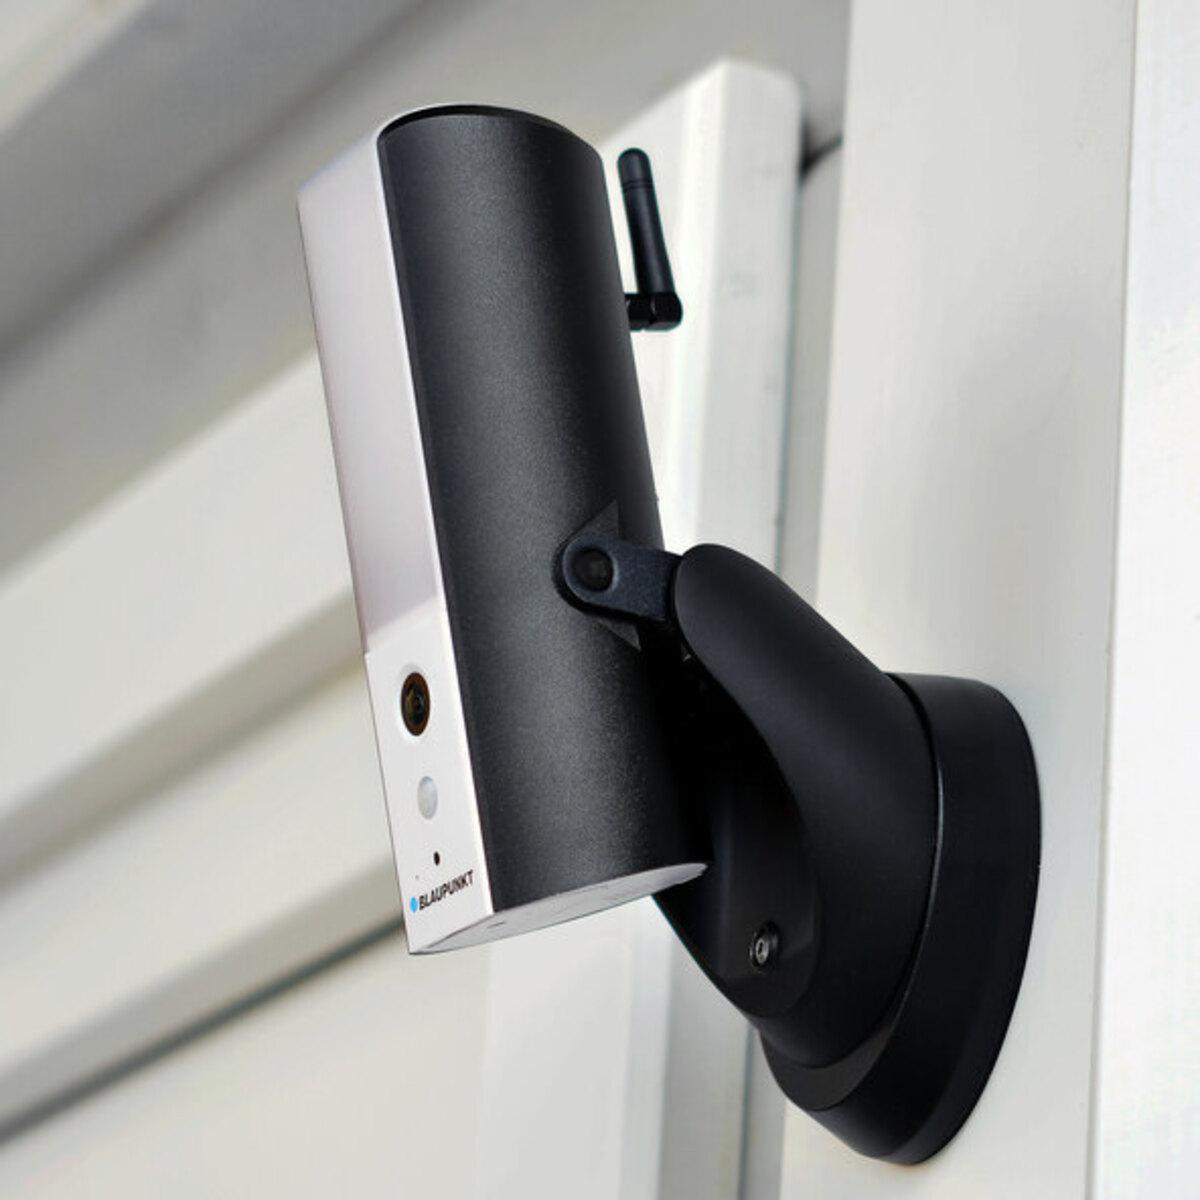 Bild 1 von Überwachungskamera Blaupunkt LampCam HOS-X20